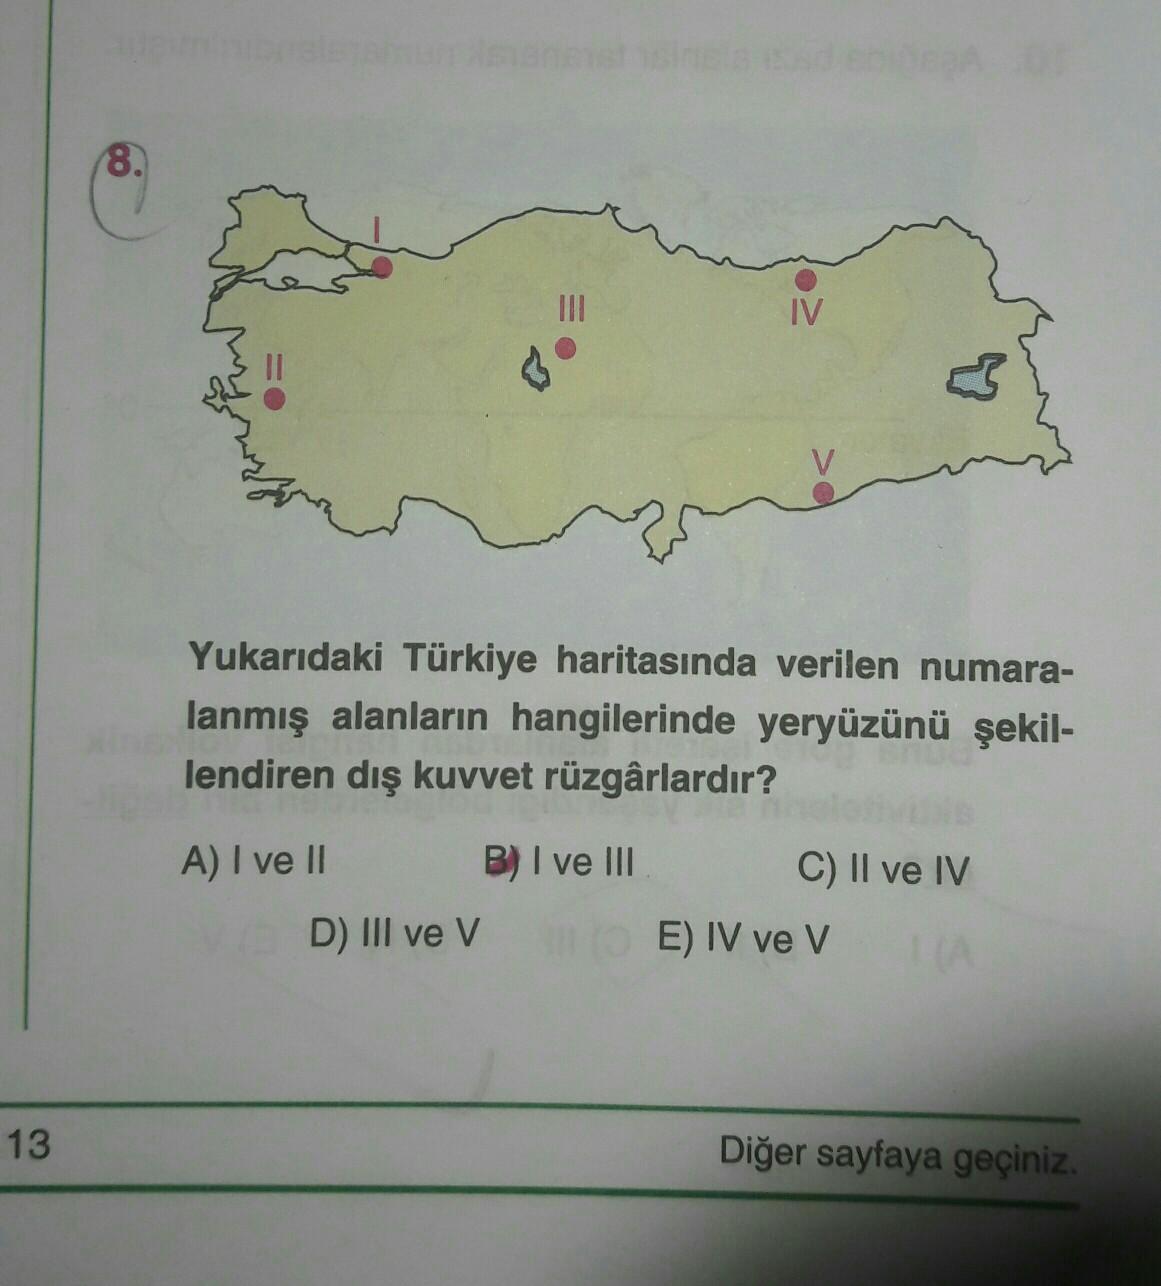 8. IV ♡ Yukarıdaki Türkiye haritasında verilen numara- lanmış alanların hangilerinde yeryüzünü şekil- lendiren dış kuvvet rüzgârlardır? A) I ve II B) I ve III C) II ve IV E) IV ve v D) III ve v 13 Diğer sayfaya geçiniz.